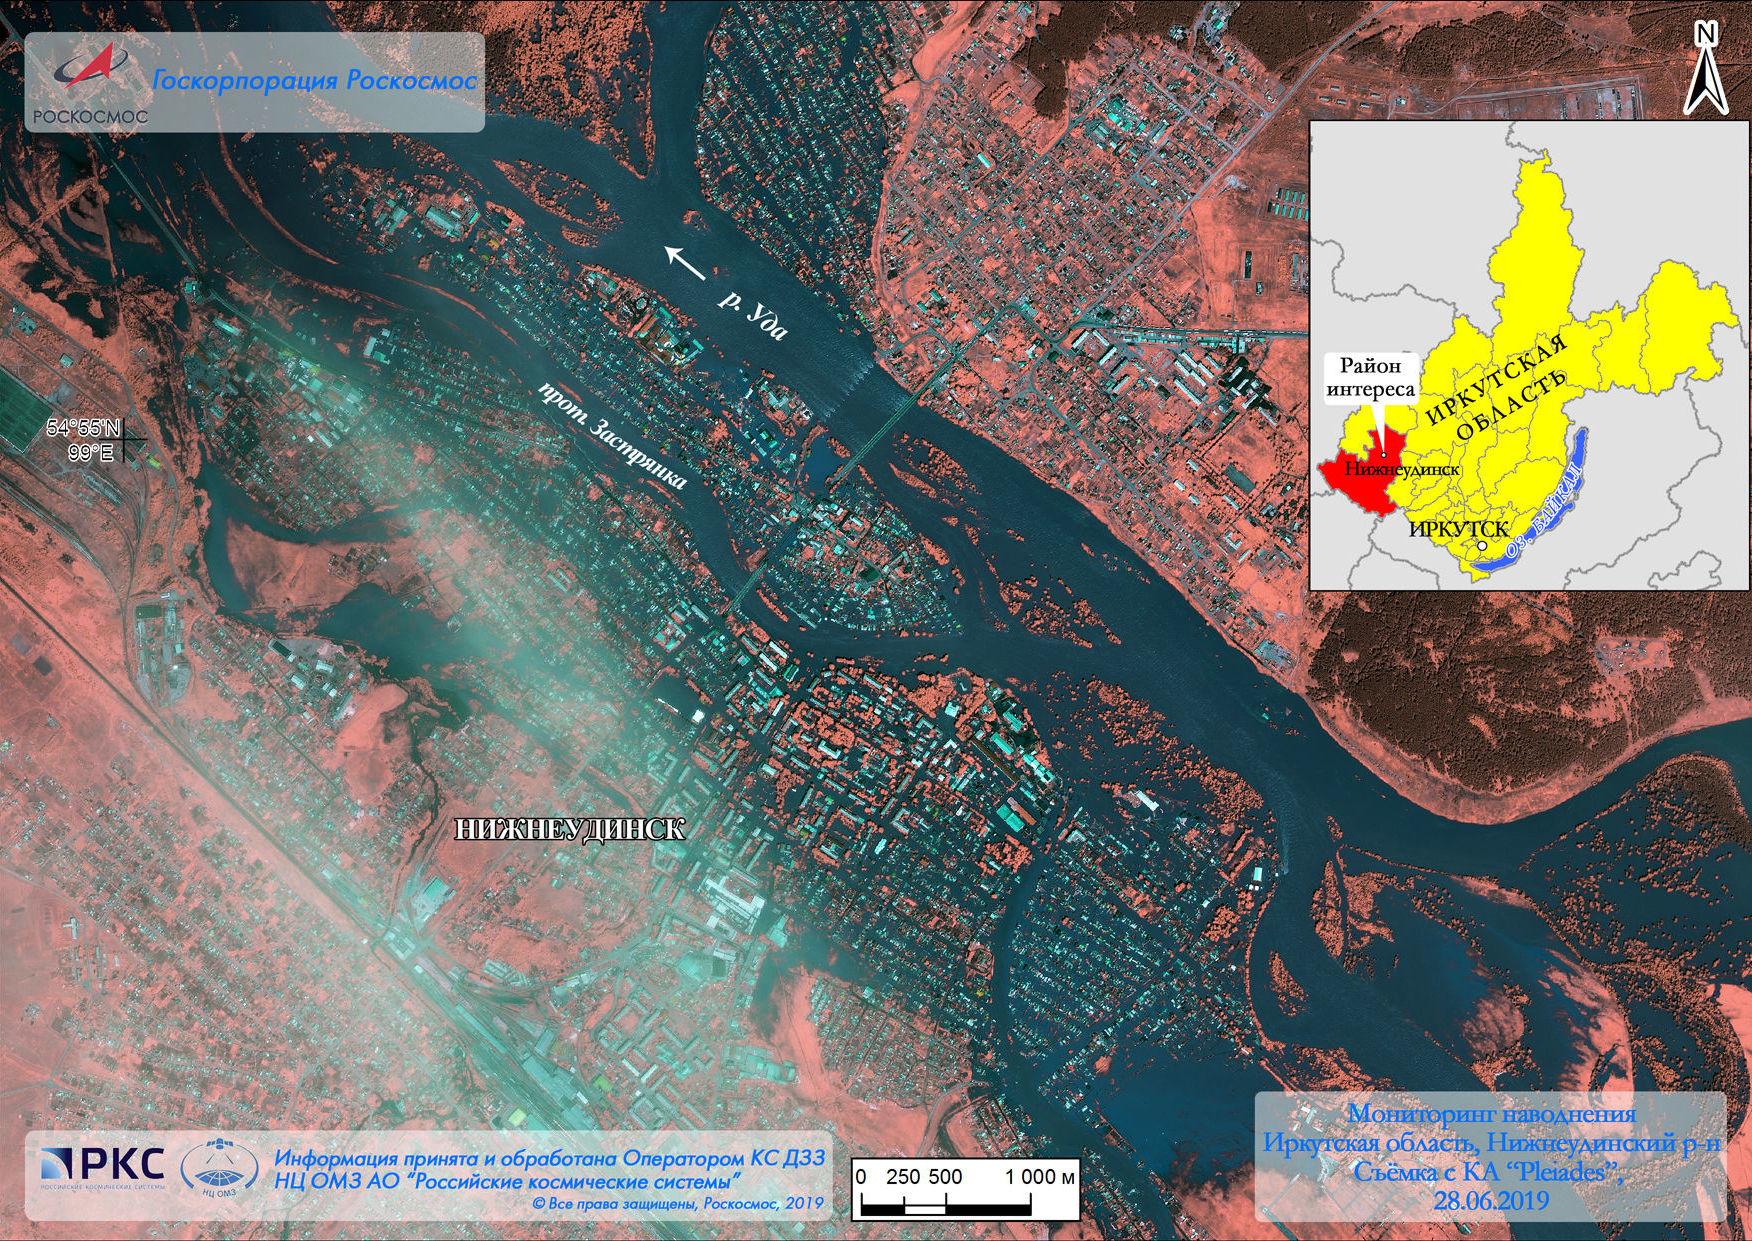 La zone inondée dans la région d'Irkoutsk vue depuis l'espace